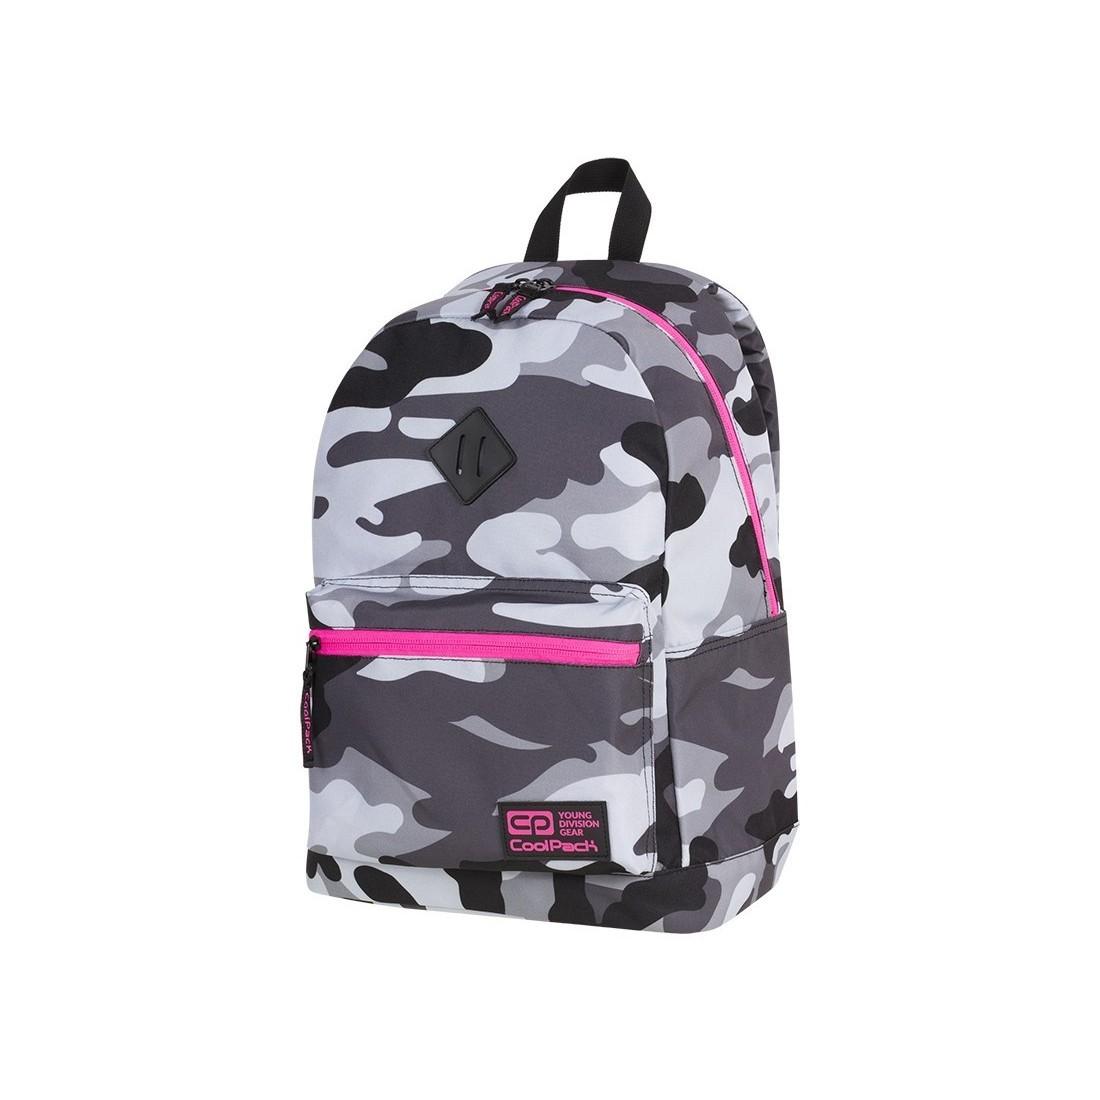 7121b1c8b7870 Plecak miejski CoolPack CP CROSS EVA CAMO PINK NEON dla nastolatek moro z  różowymi elementami -